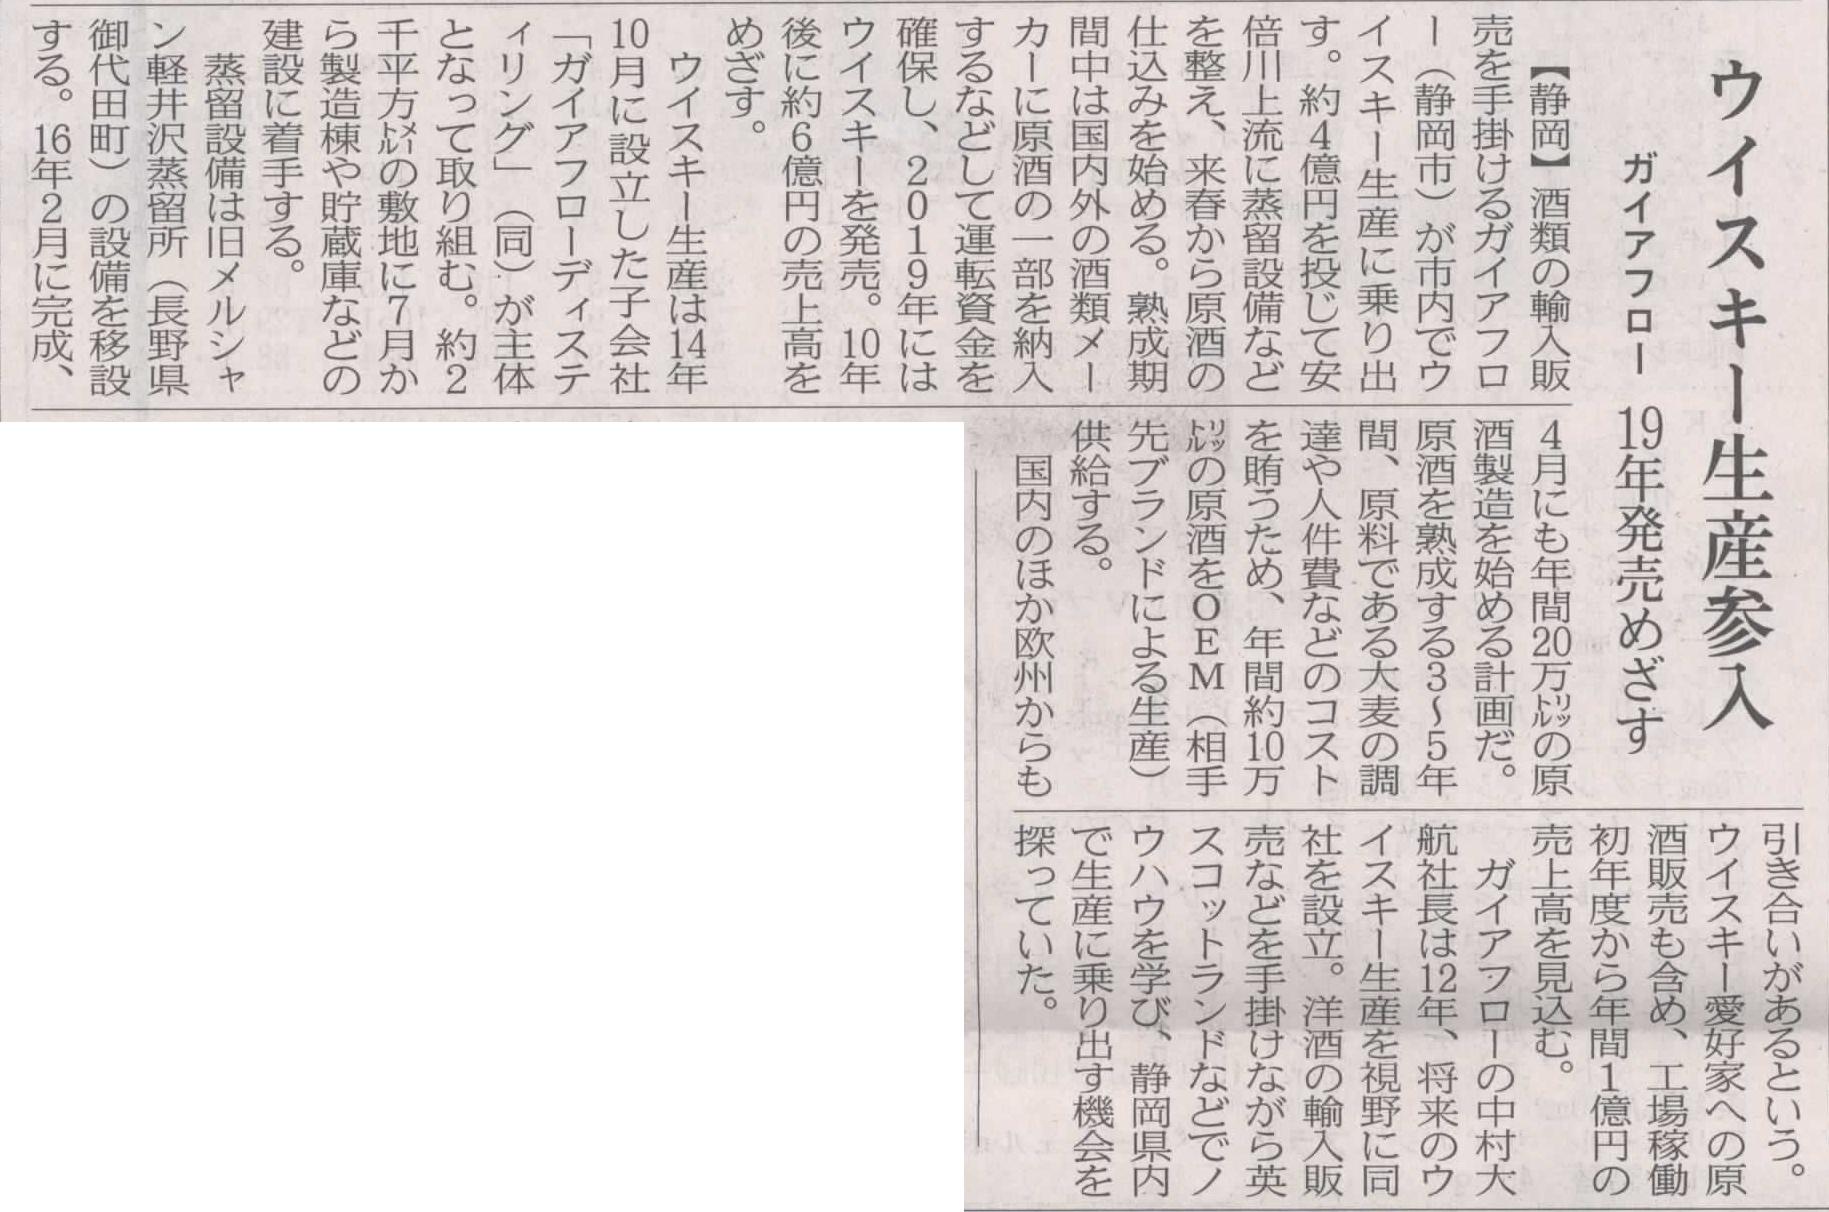 Media-2015-05-22-Nikkei-MJ-Text